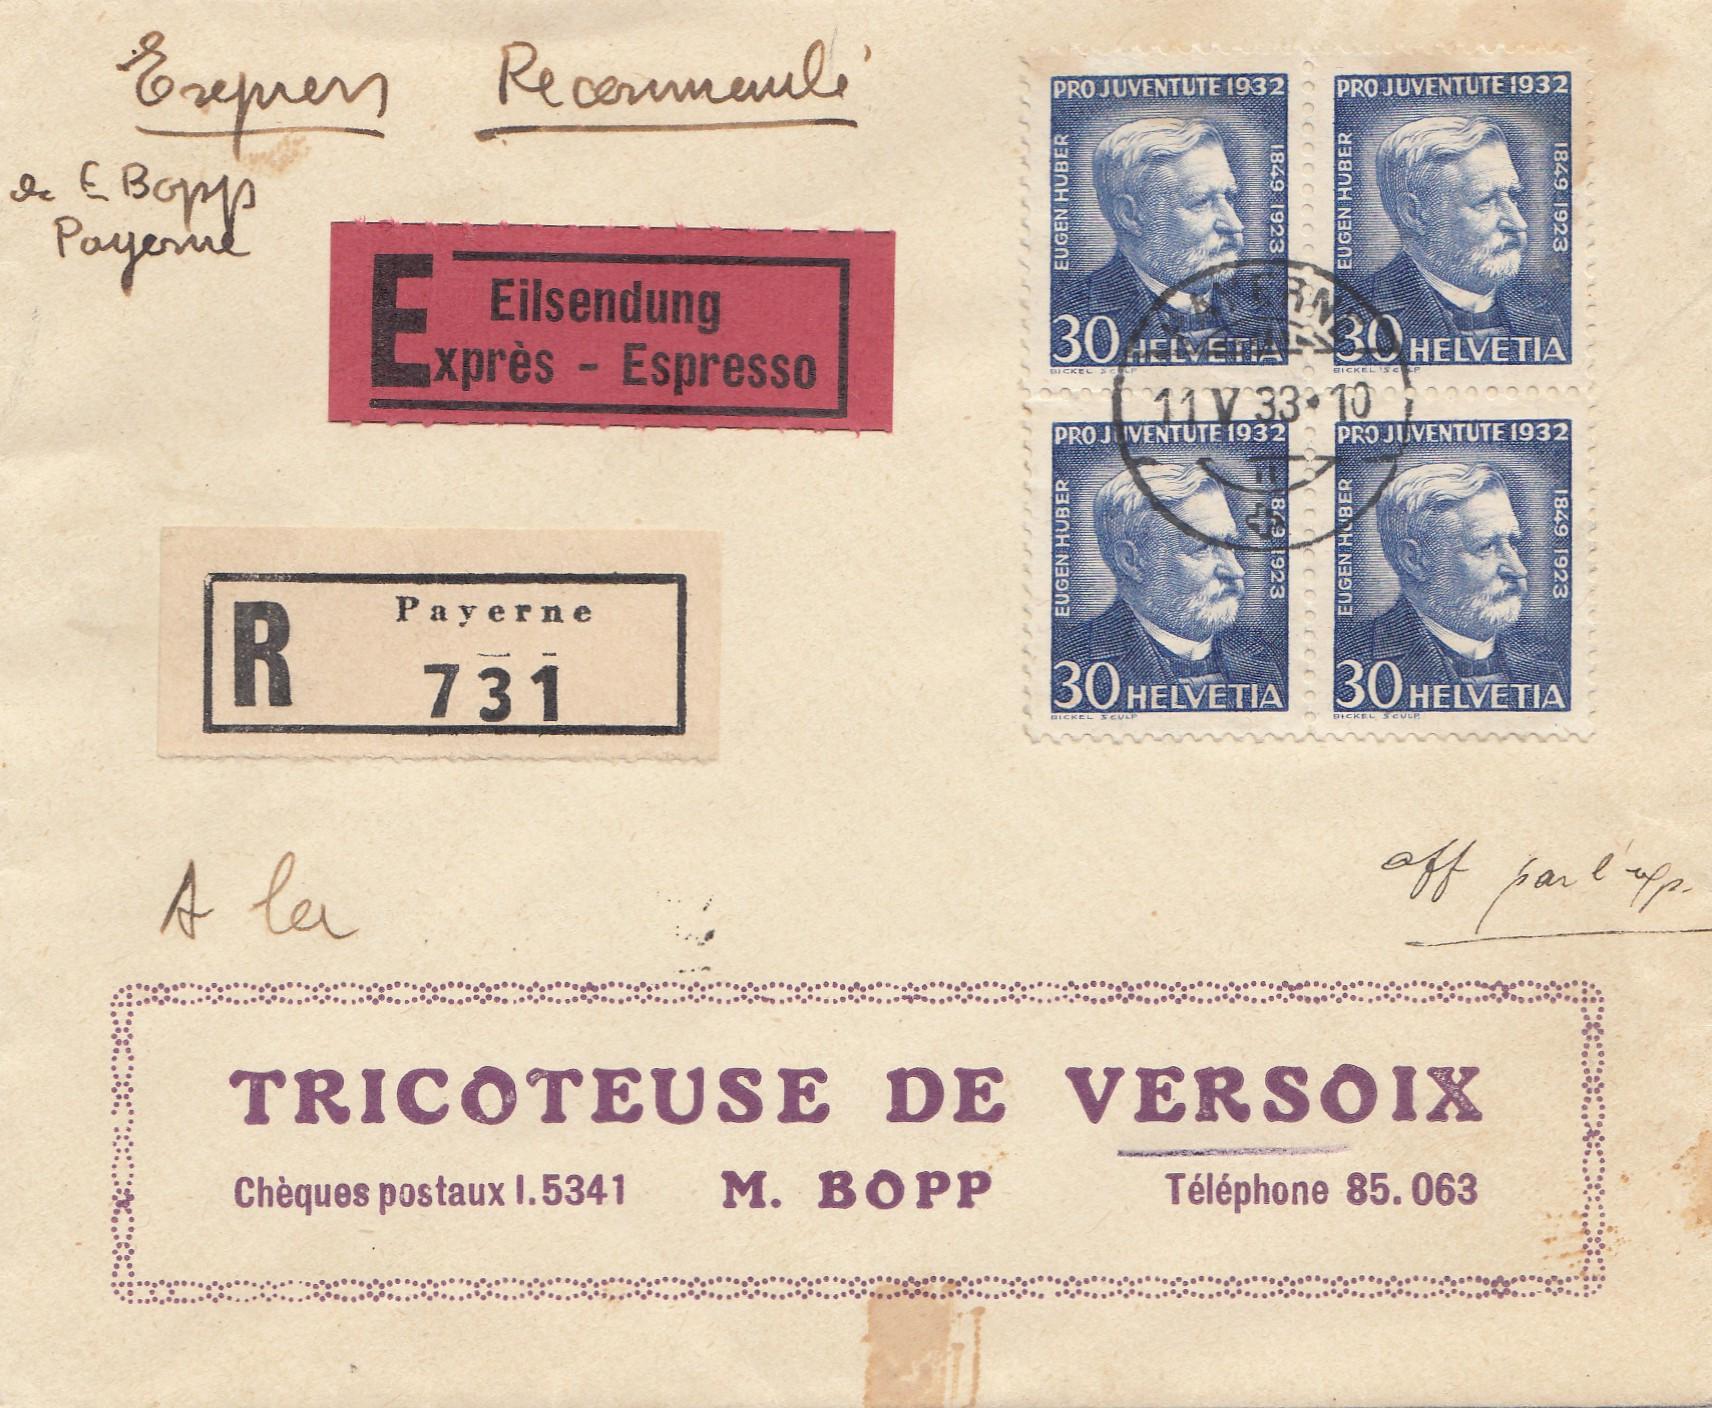 Briefmarken Genossenschaft Aland Fdc Aus 1989 Siehe Beschreibung Aland 201090